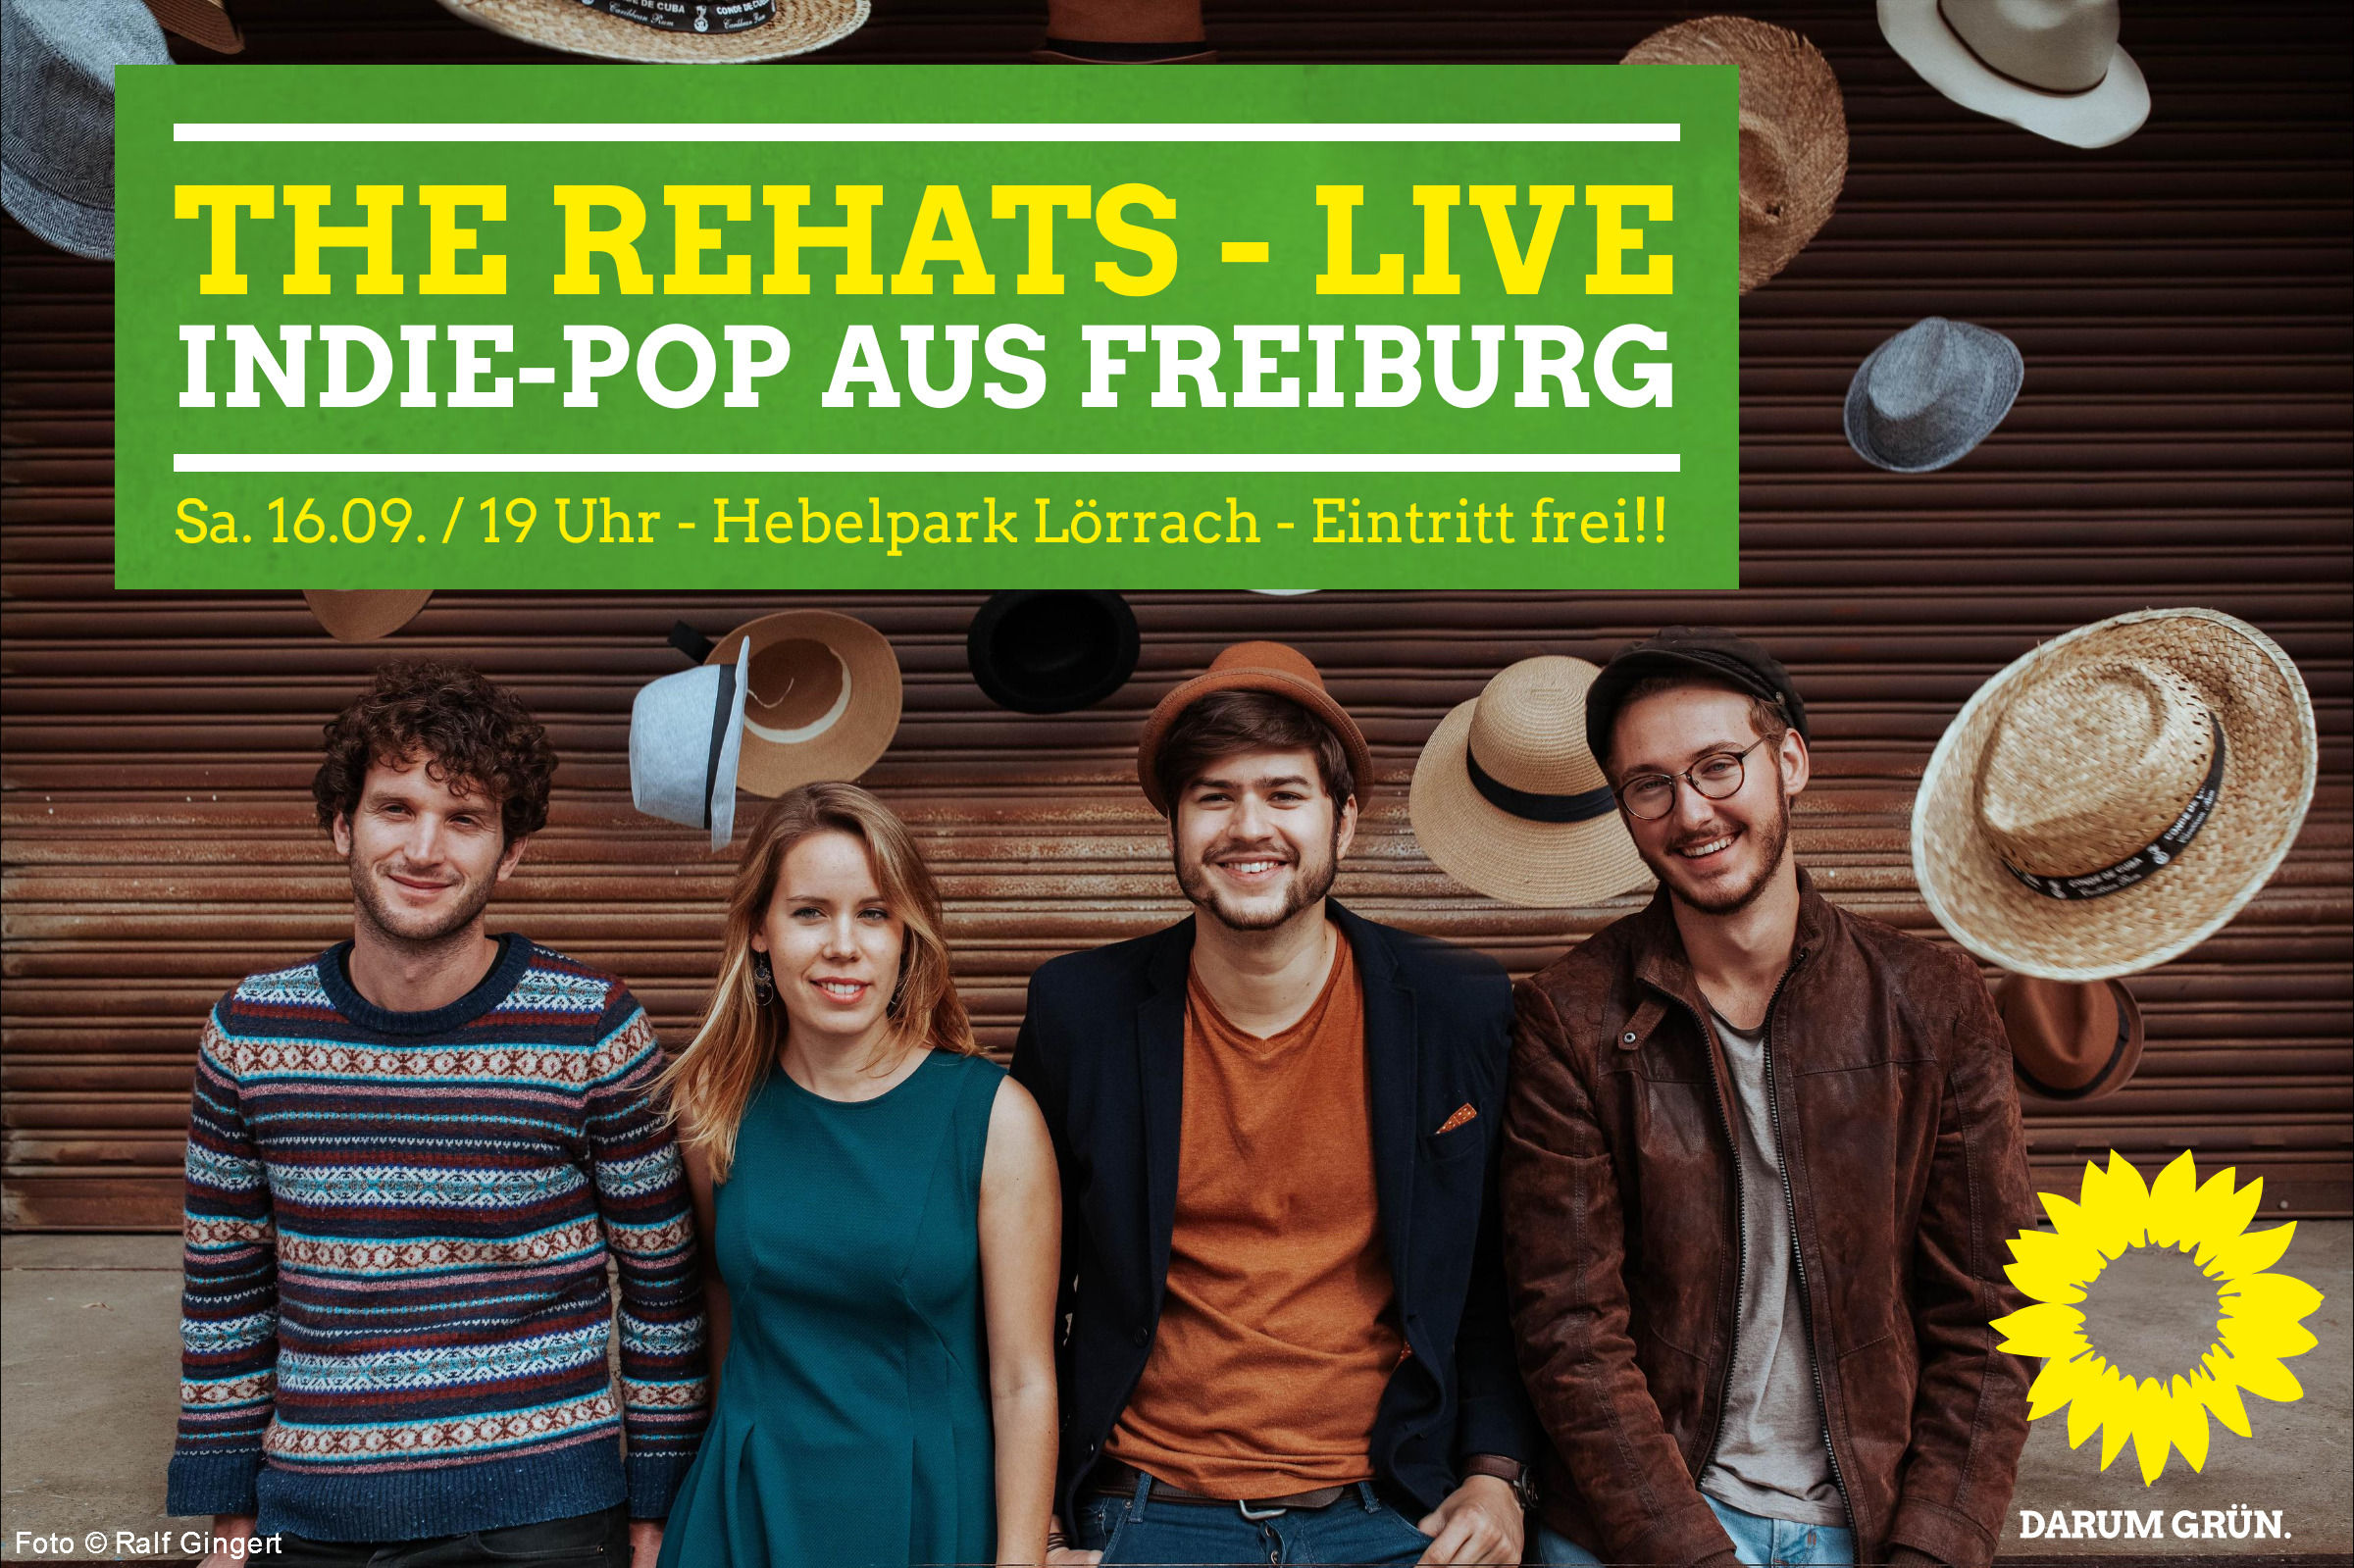 The Rehats – live / Indie-Pop aus Freiburg mit Minister Winne Hermann